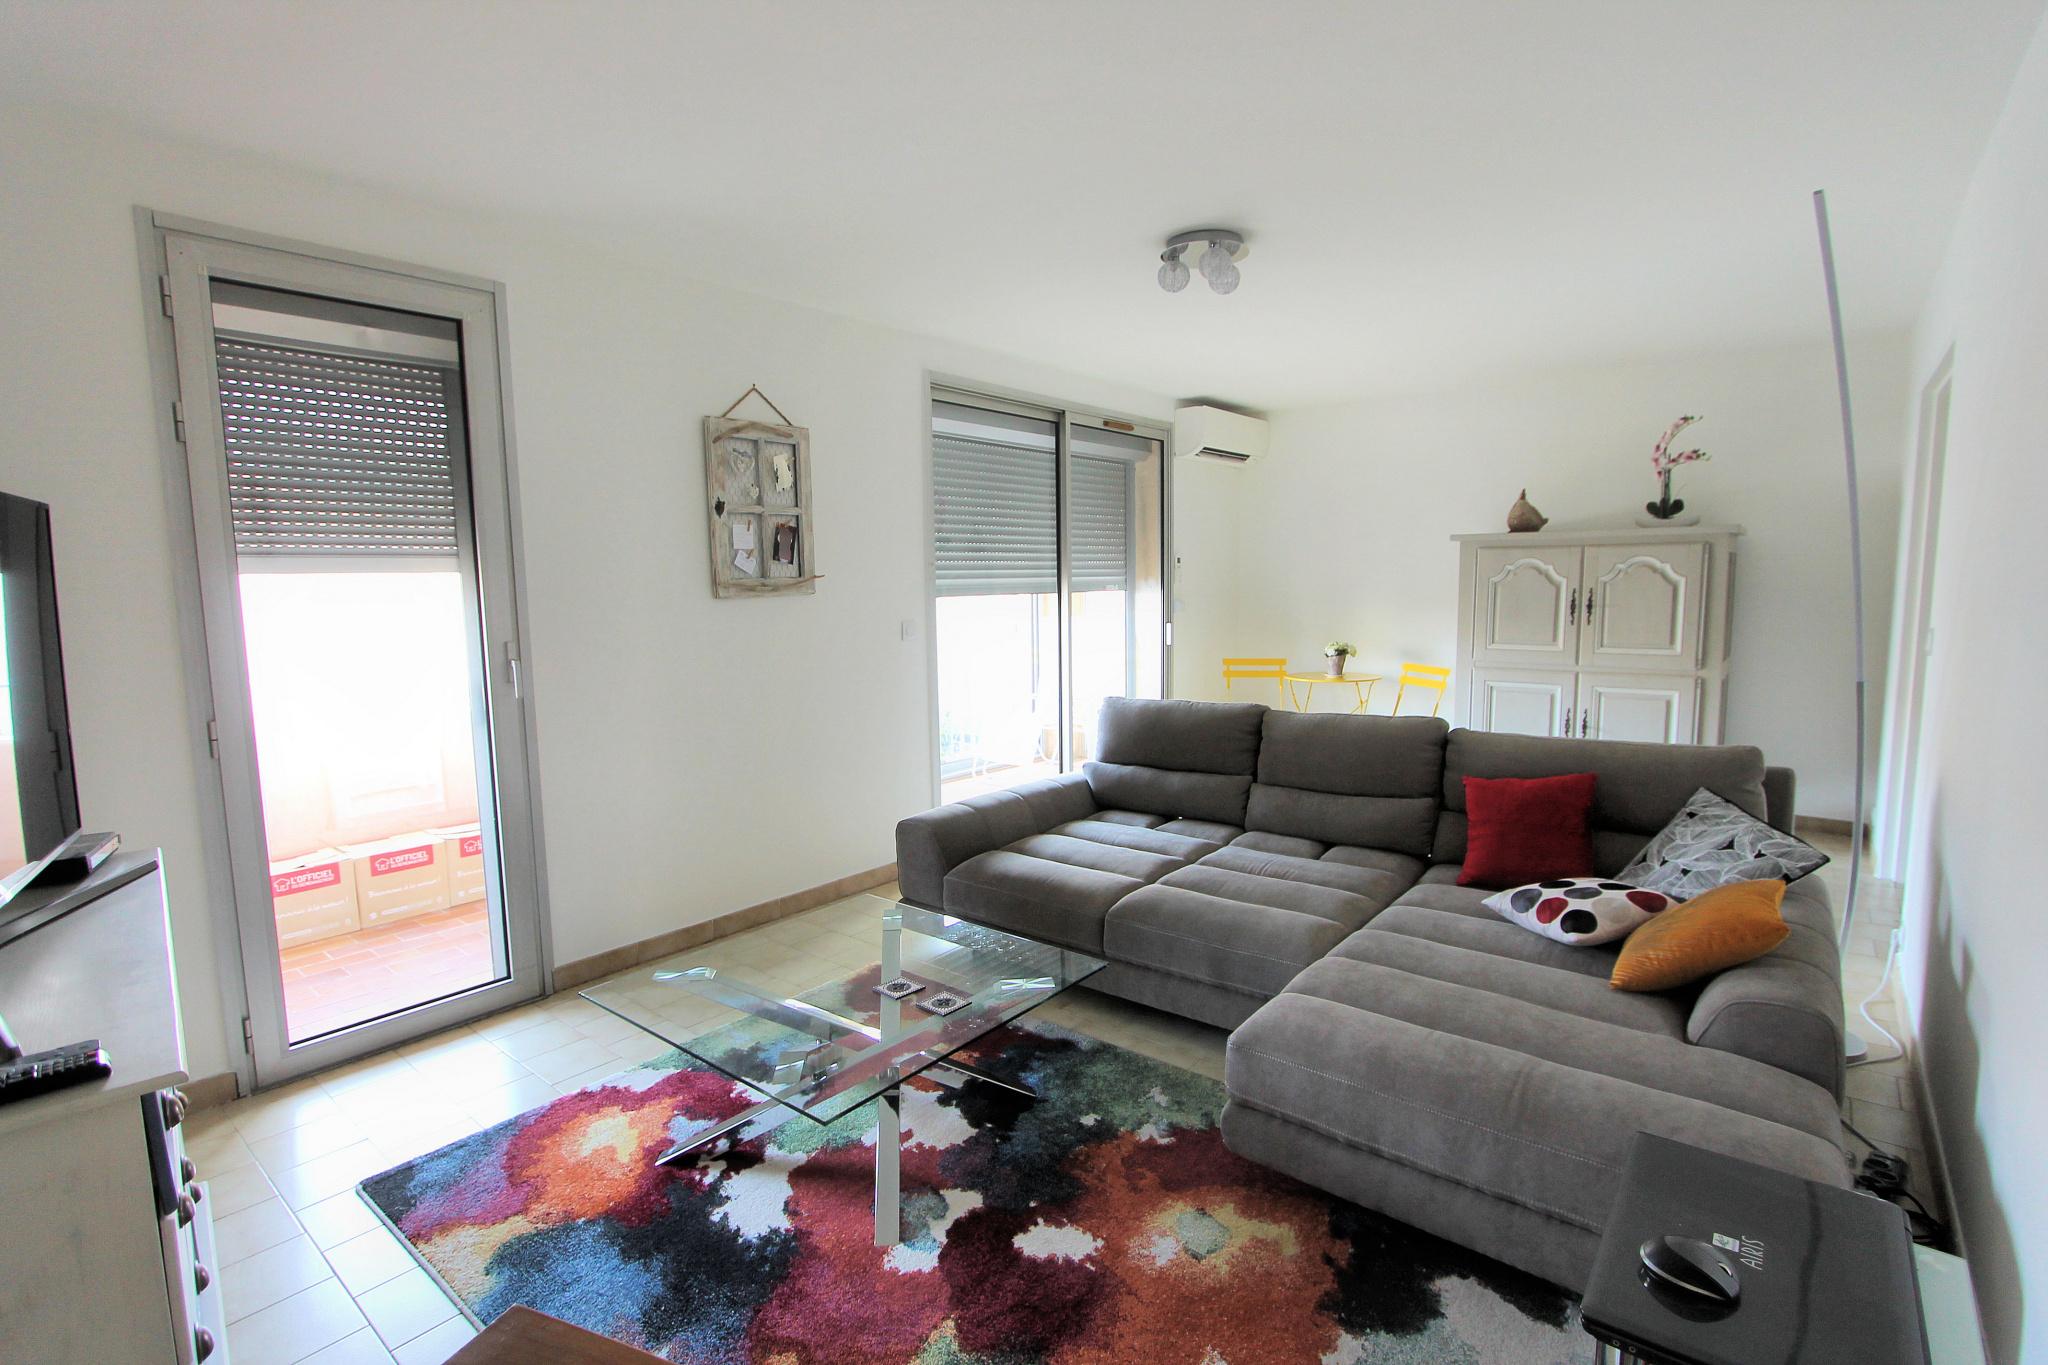 appartement vente forcalquier m tres carr s 58 dans le domaine de forcalquier ref 28094